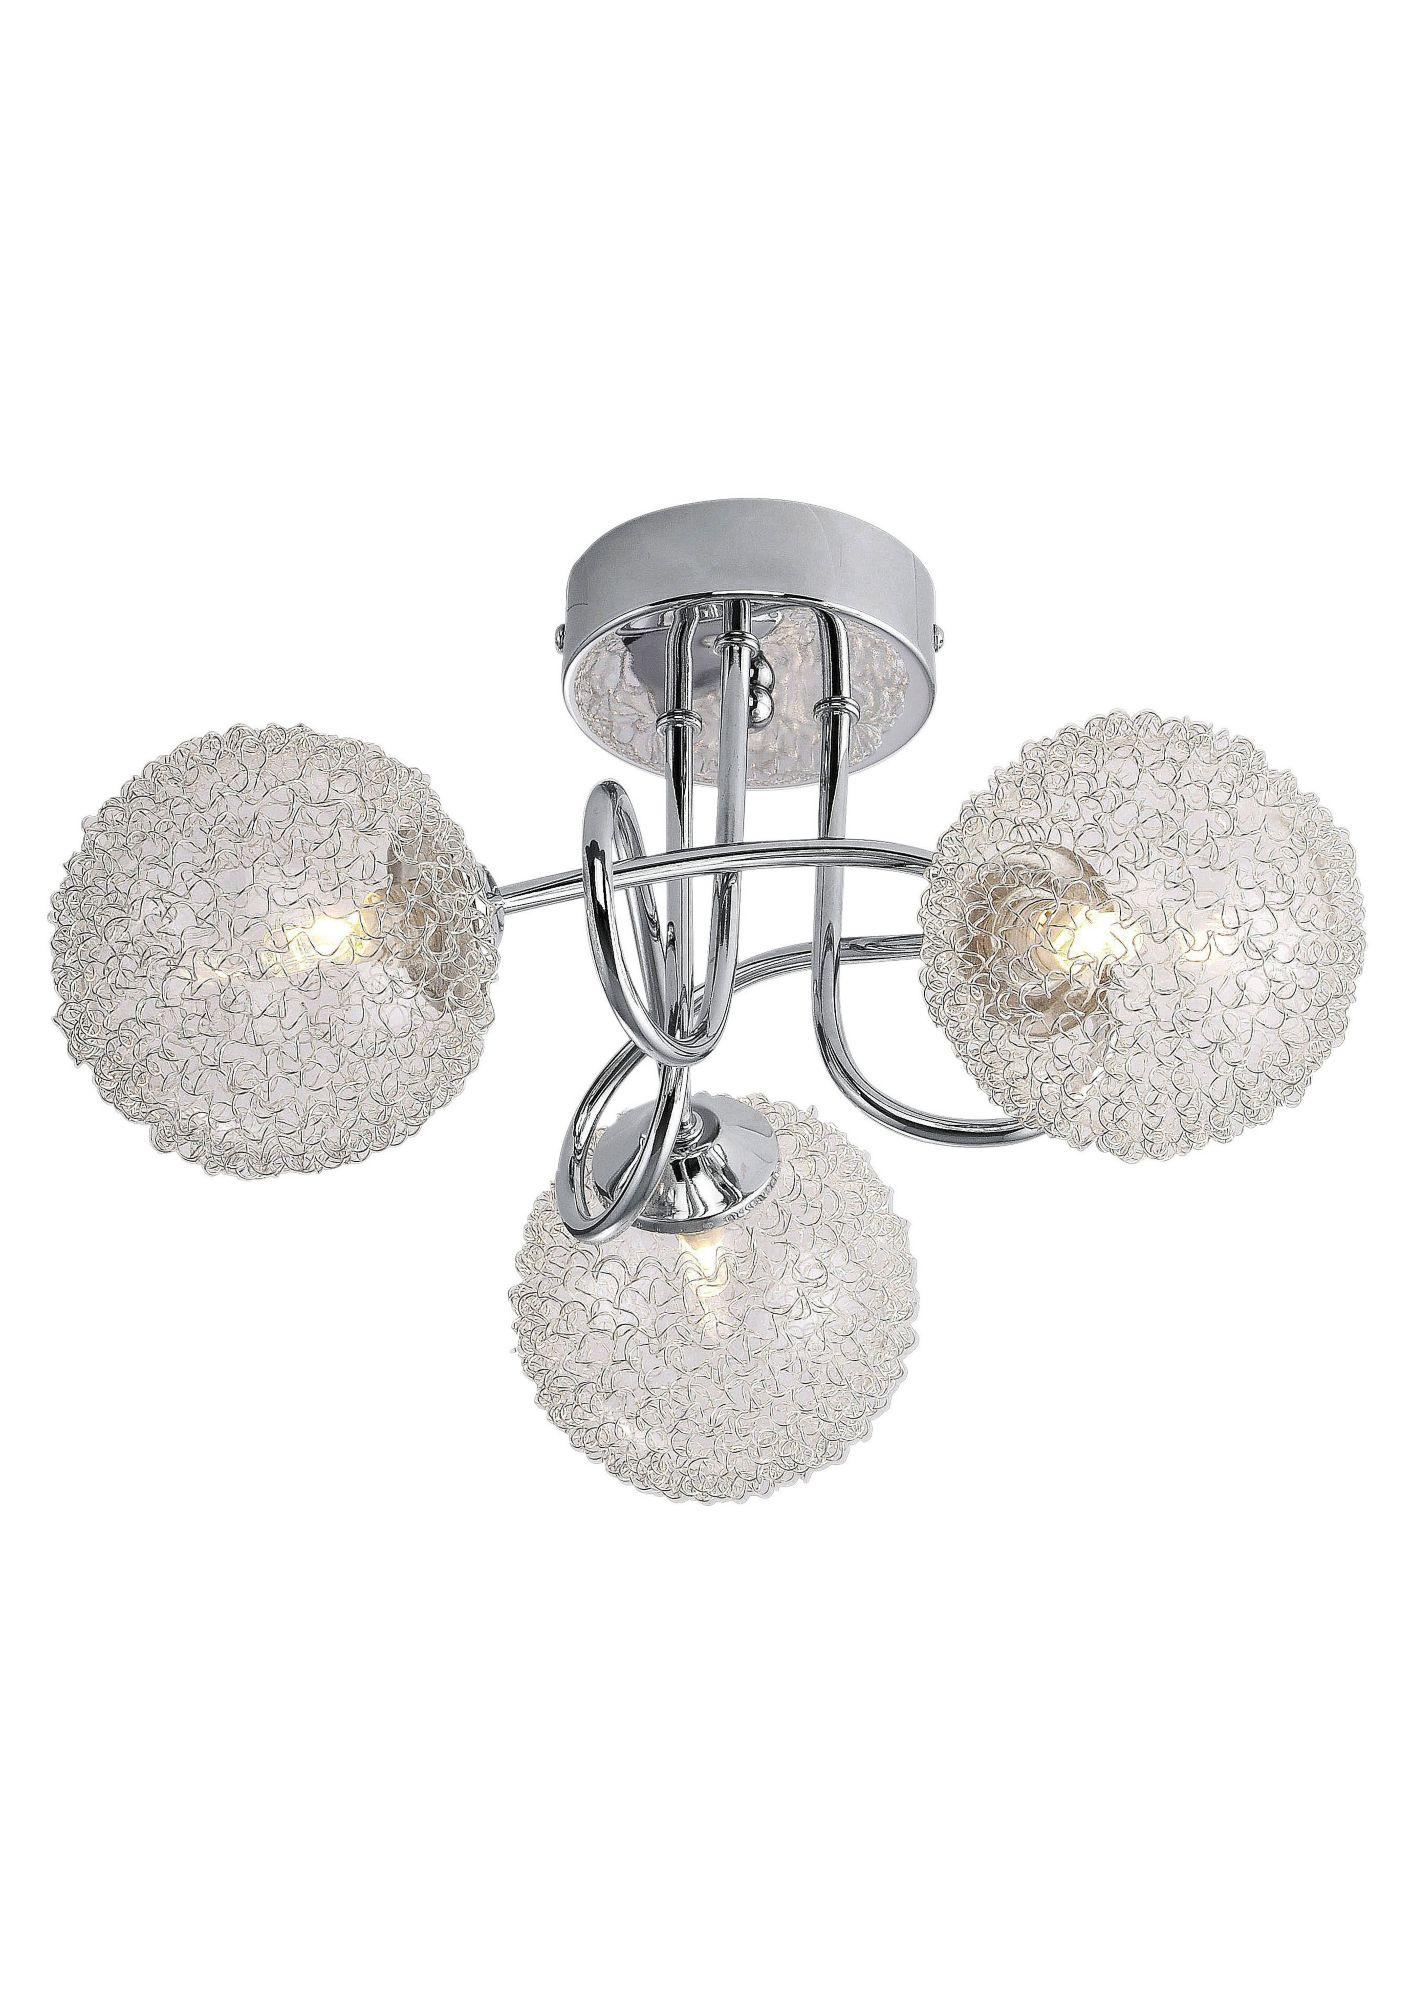 Halogen deckenlampe 3 flg leuchten direkt schwab for Leuchten versand